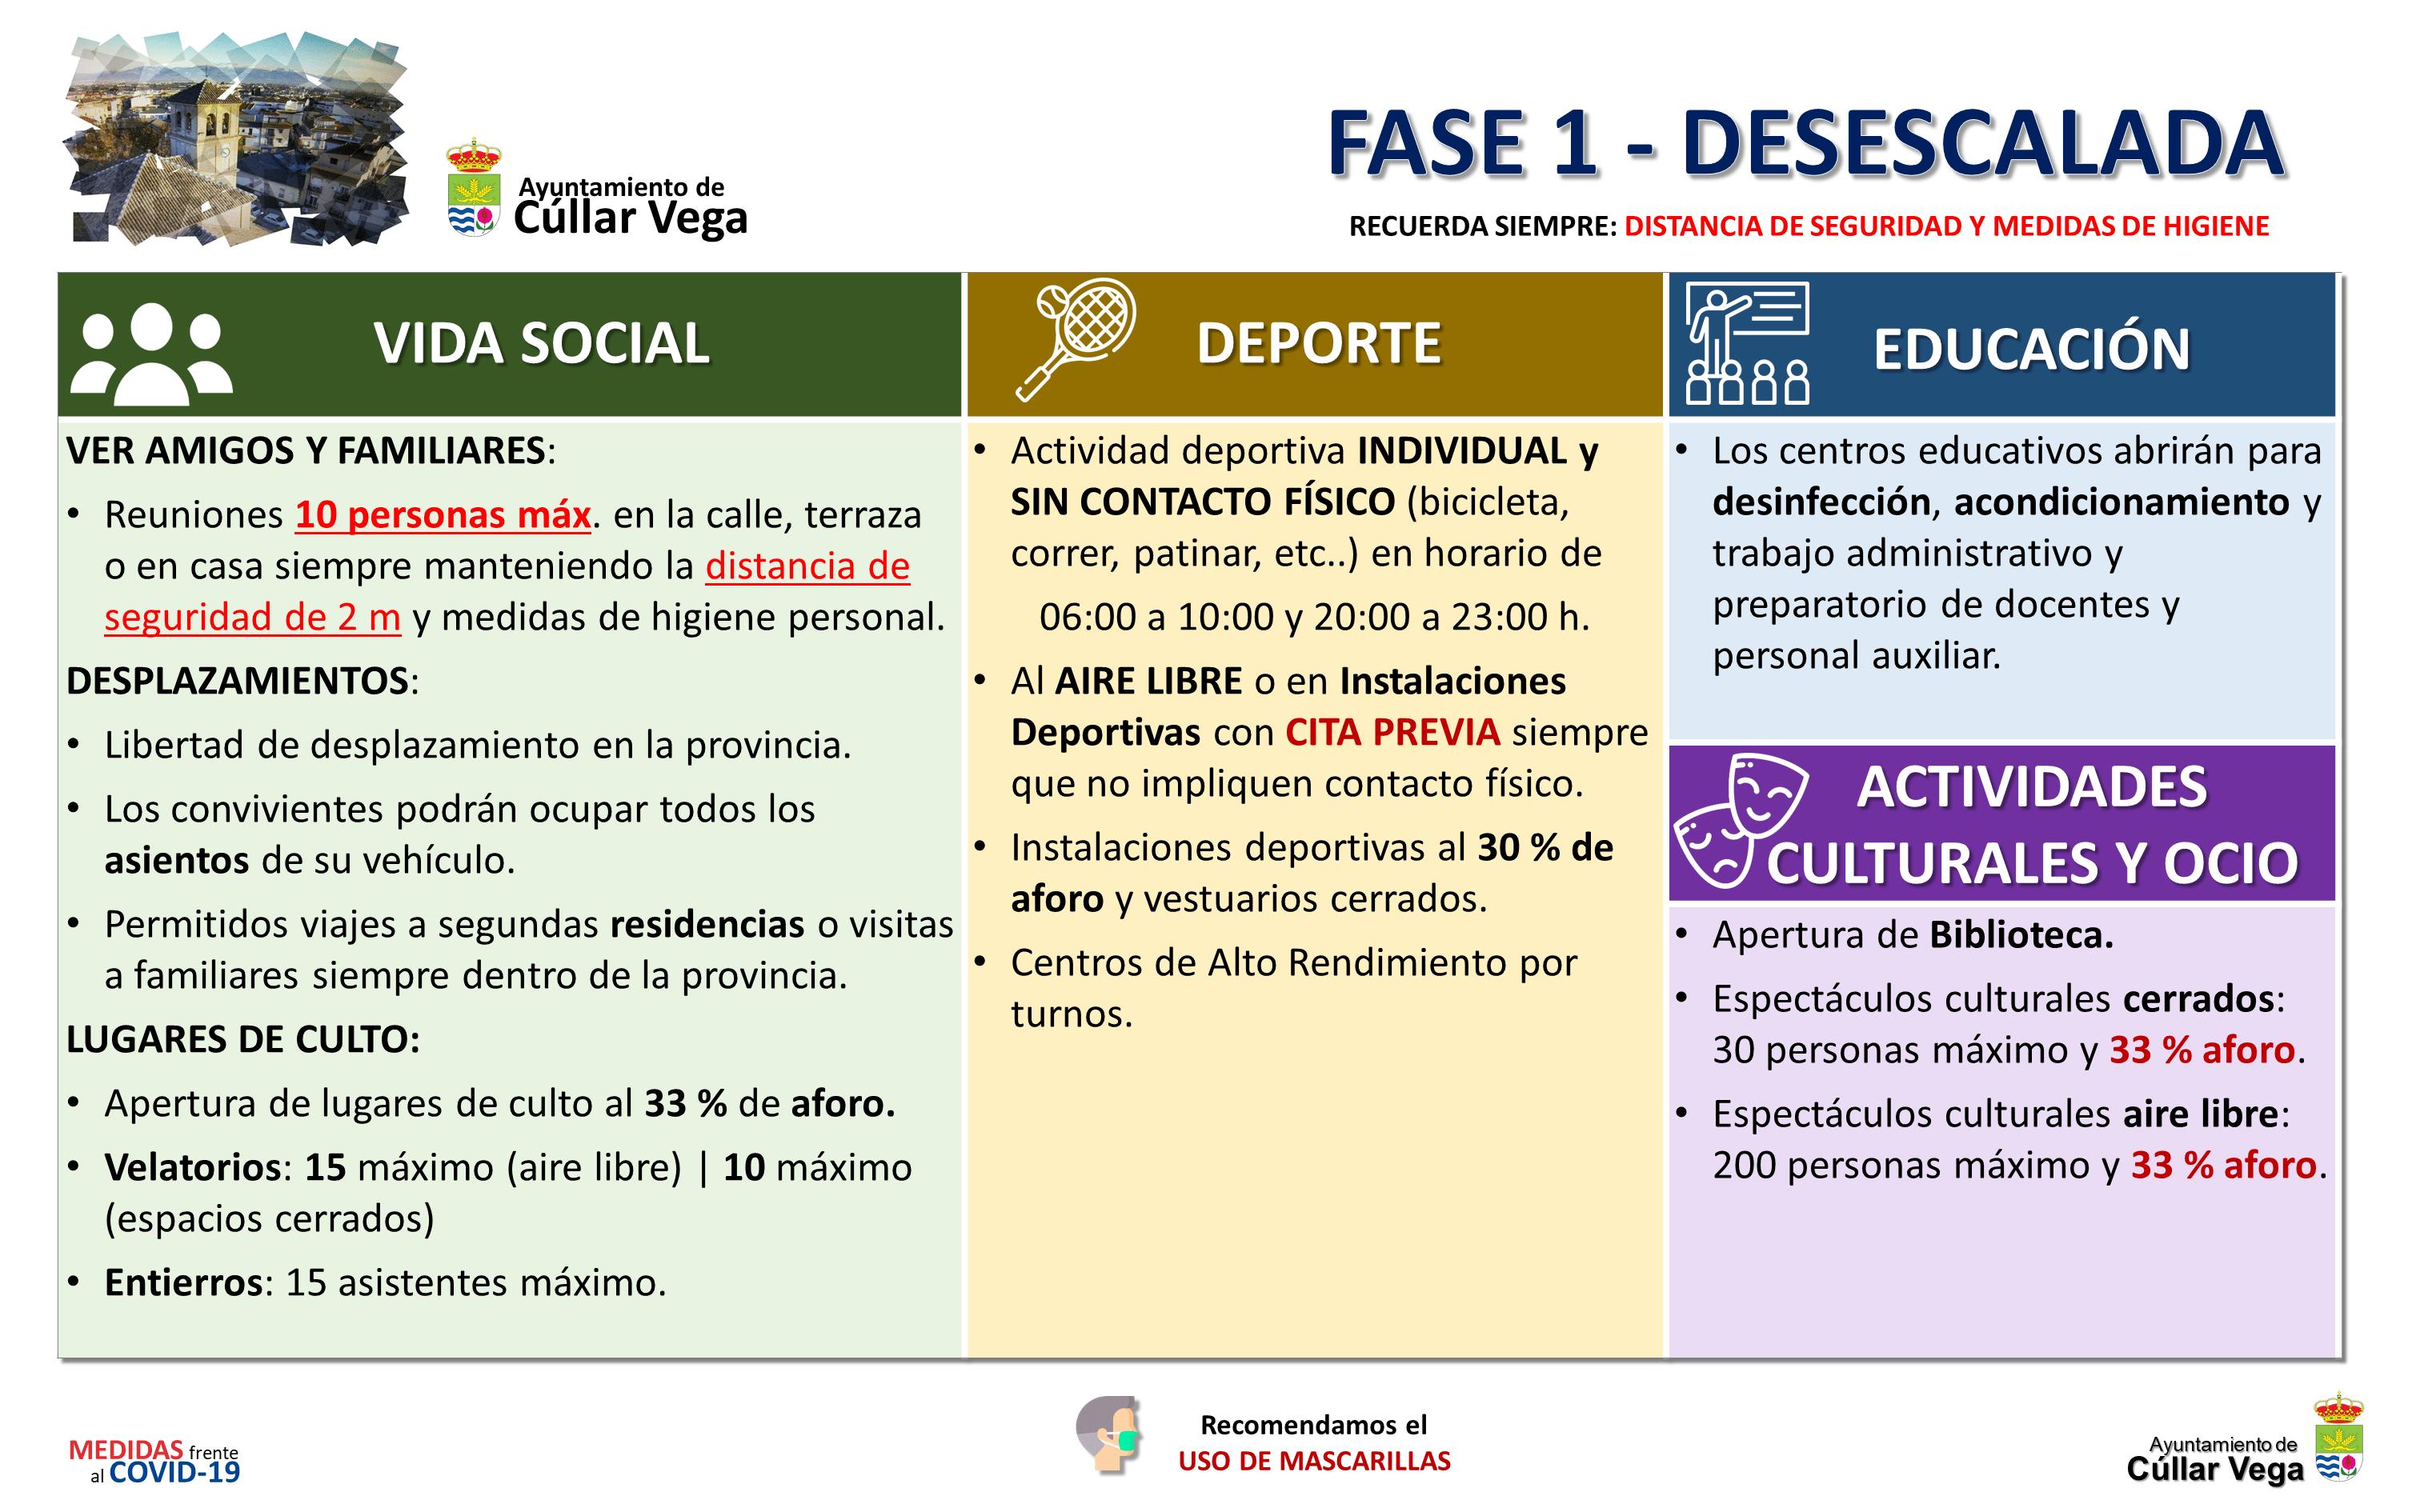 fase1-desescalada(2)